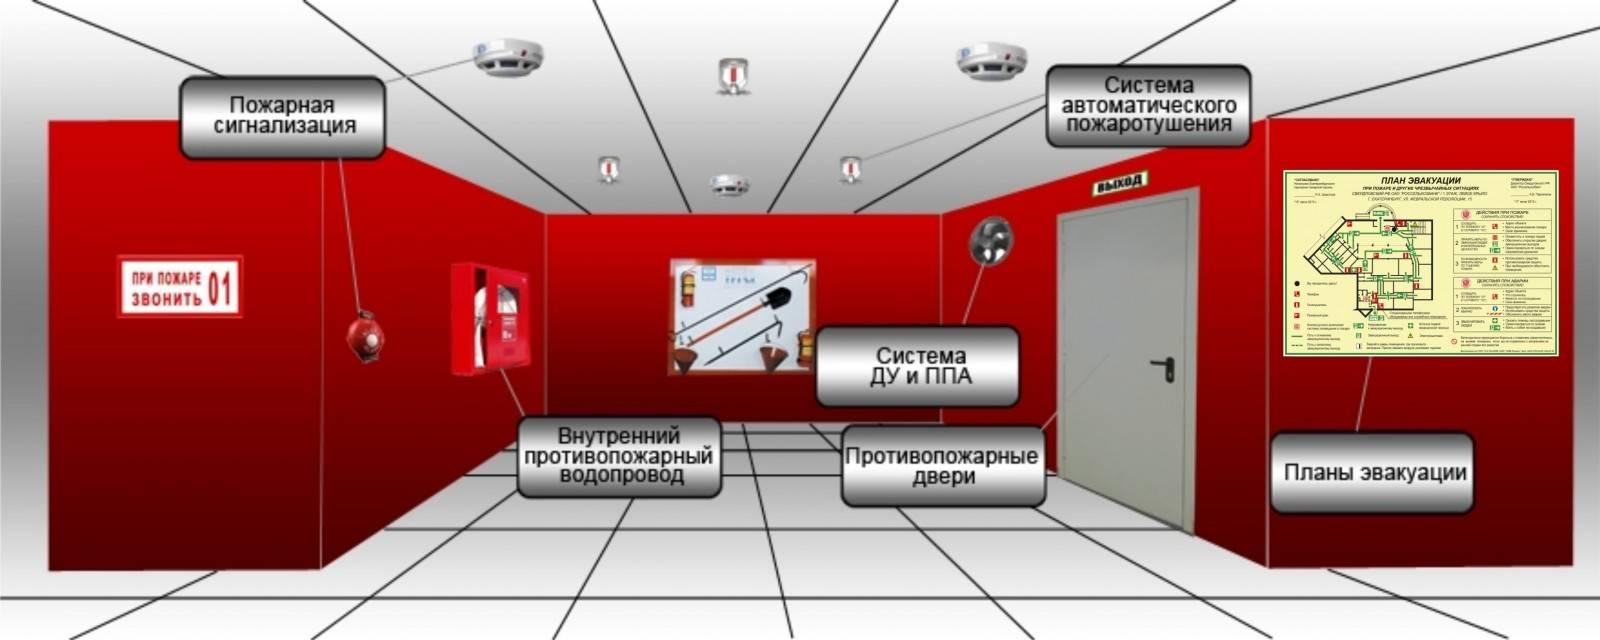 Система автоматической пожарной защиты